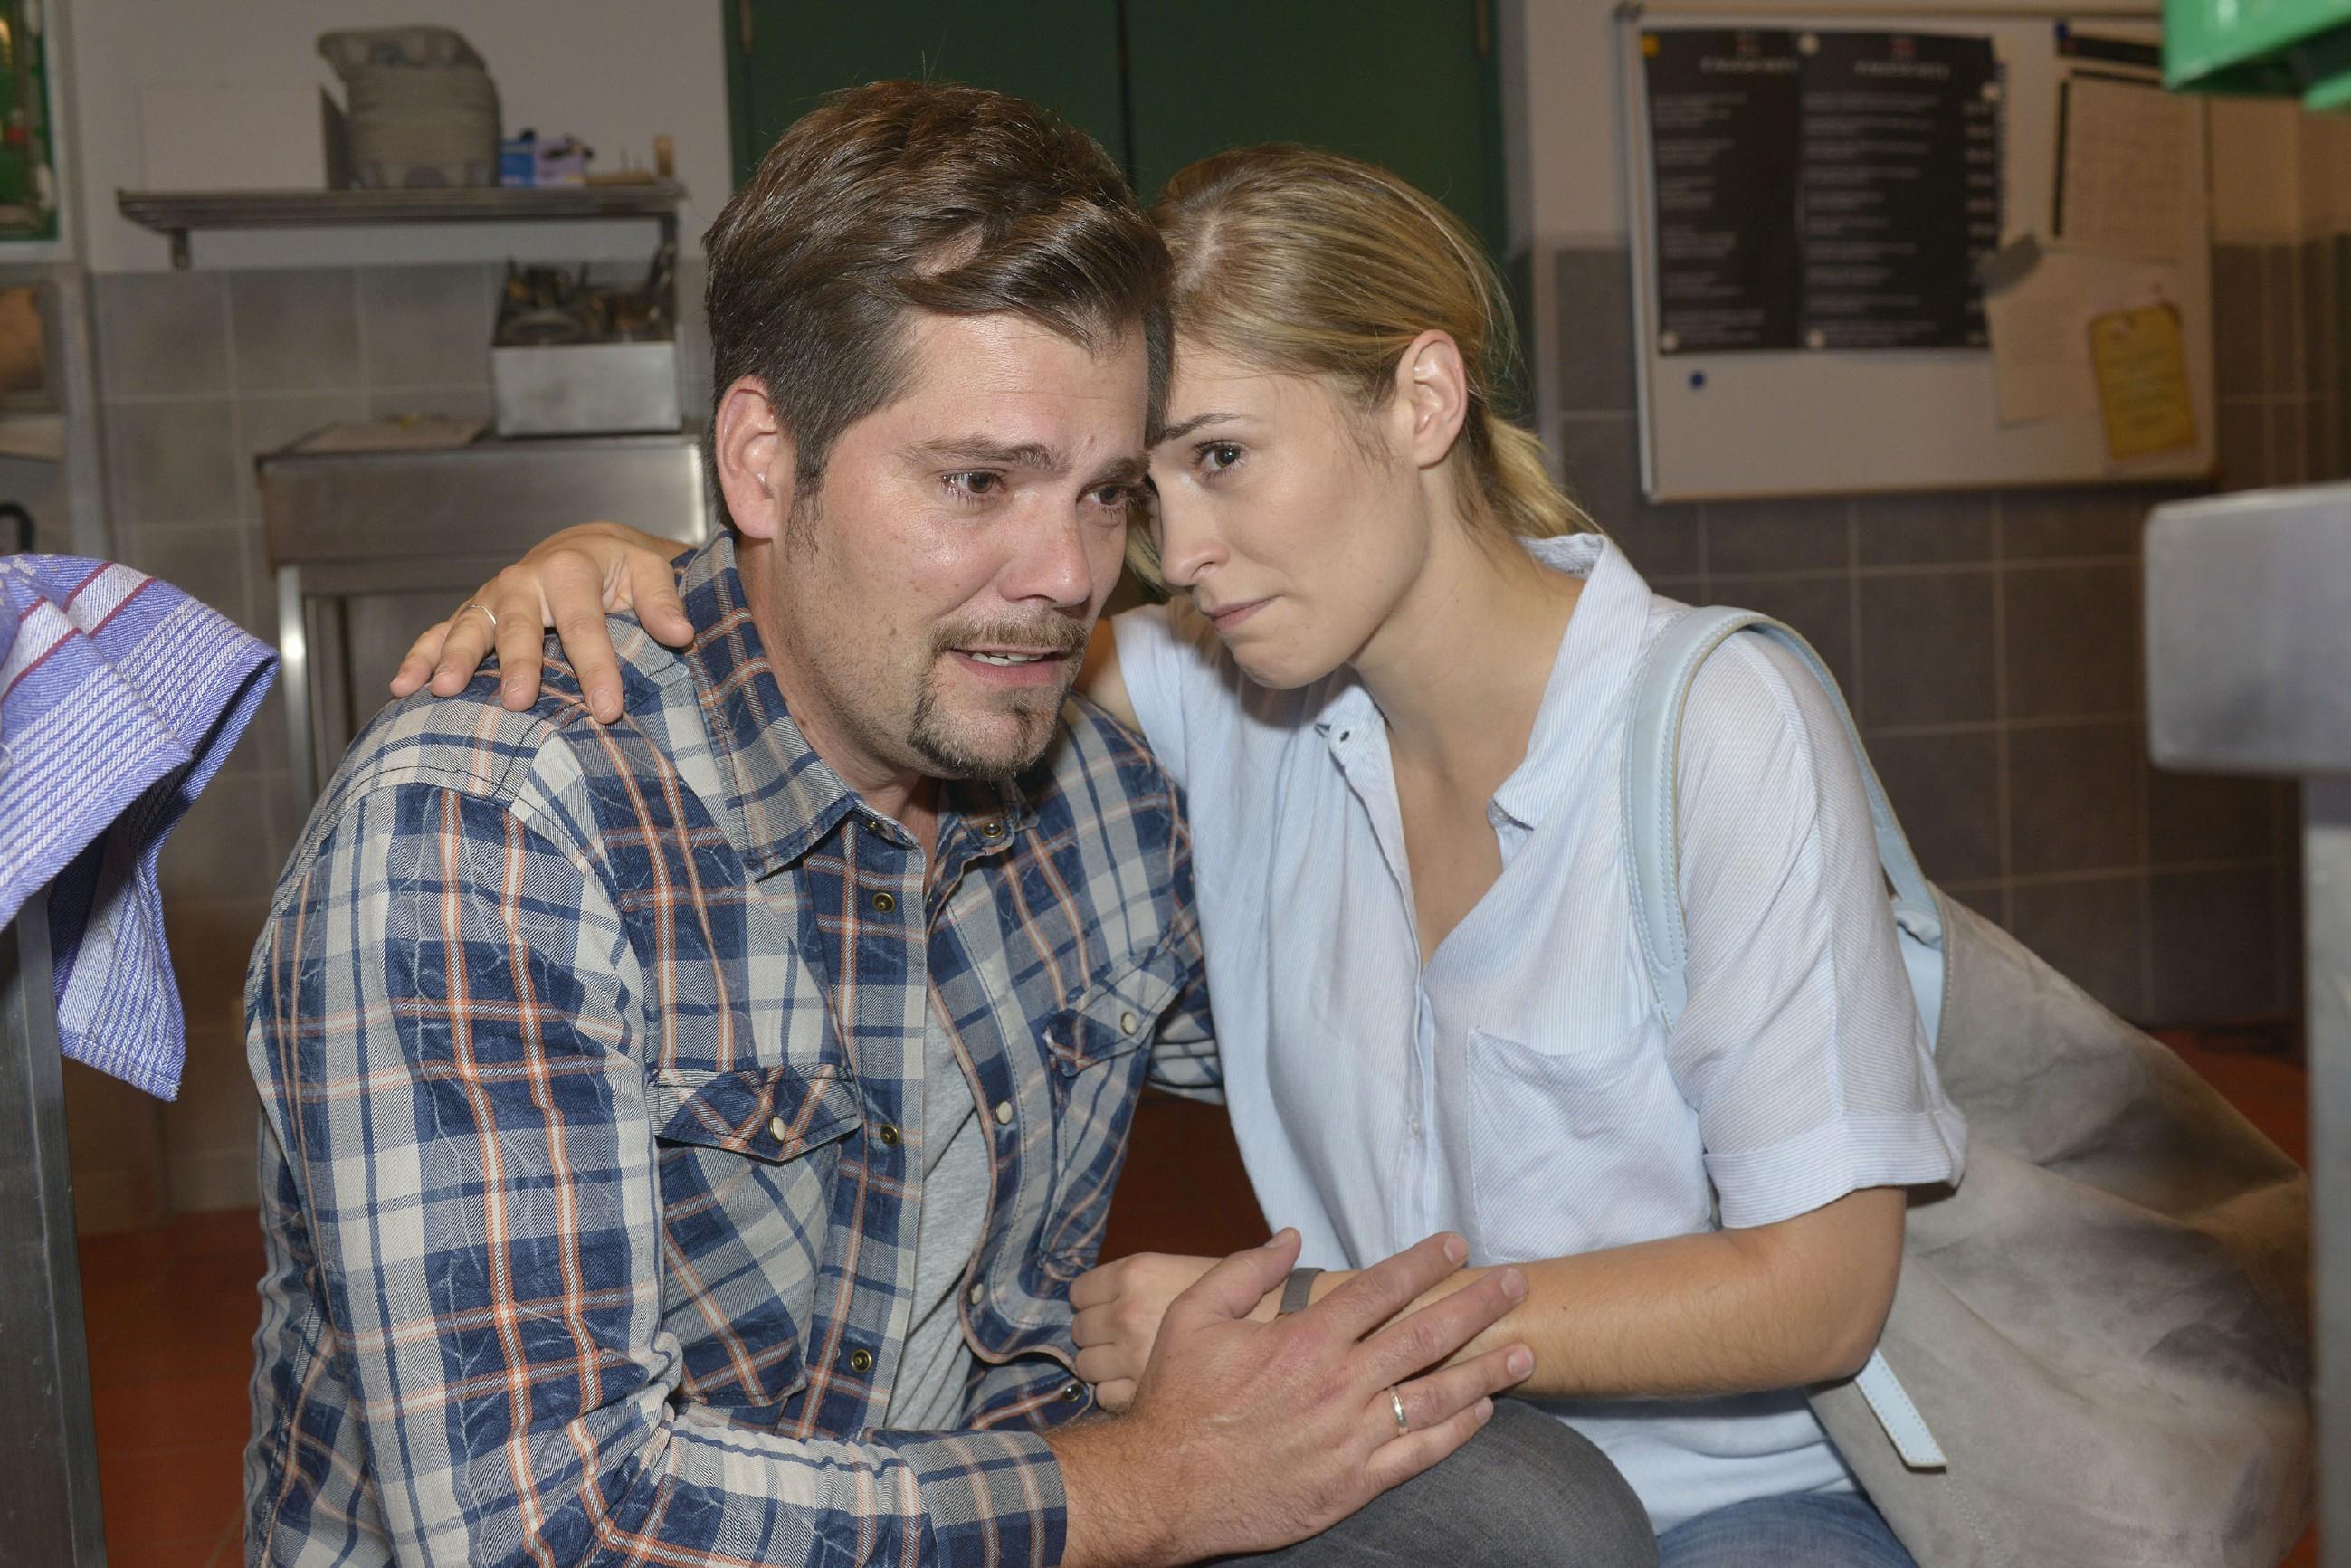 Leon (Daniel Fehlow) und Sophie (Lea Marlen Woitack) müssen geschockt verarbeiten, dass ihr ungeborenes Baby an einem Chromosomendefekt leidet und offenbar nicht lebensfähig ist... (Quelle: RTL / Rolf Baumgartner)